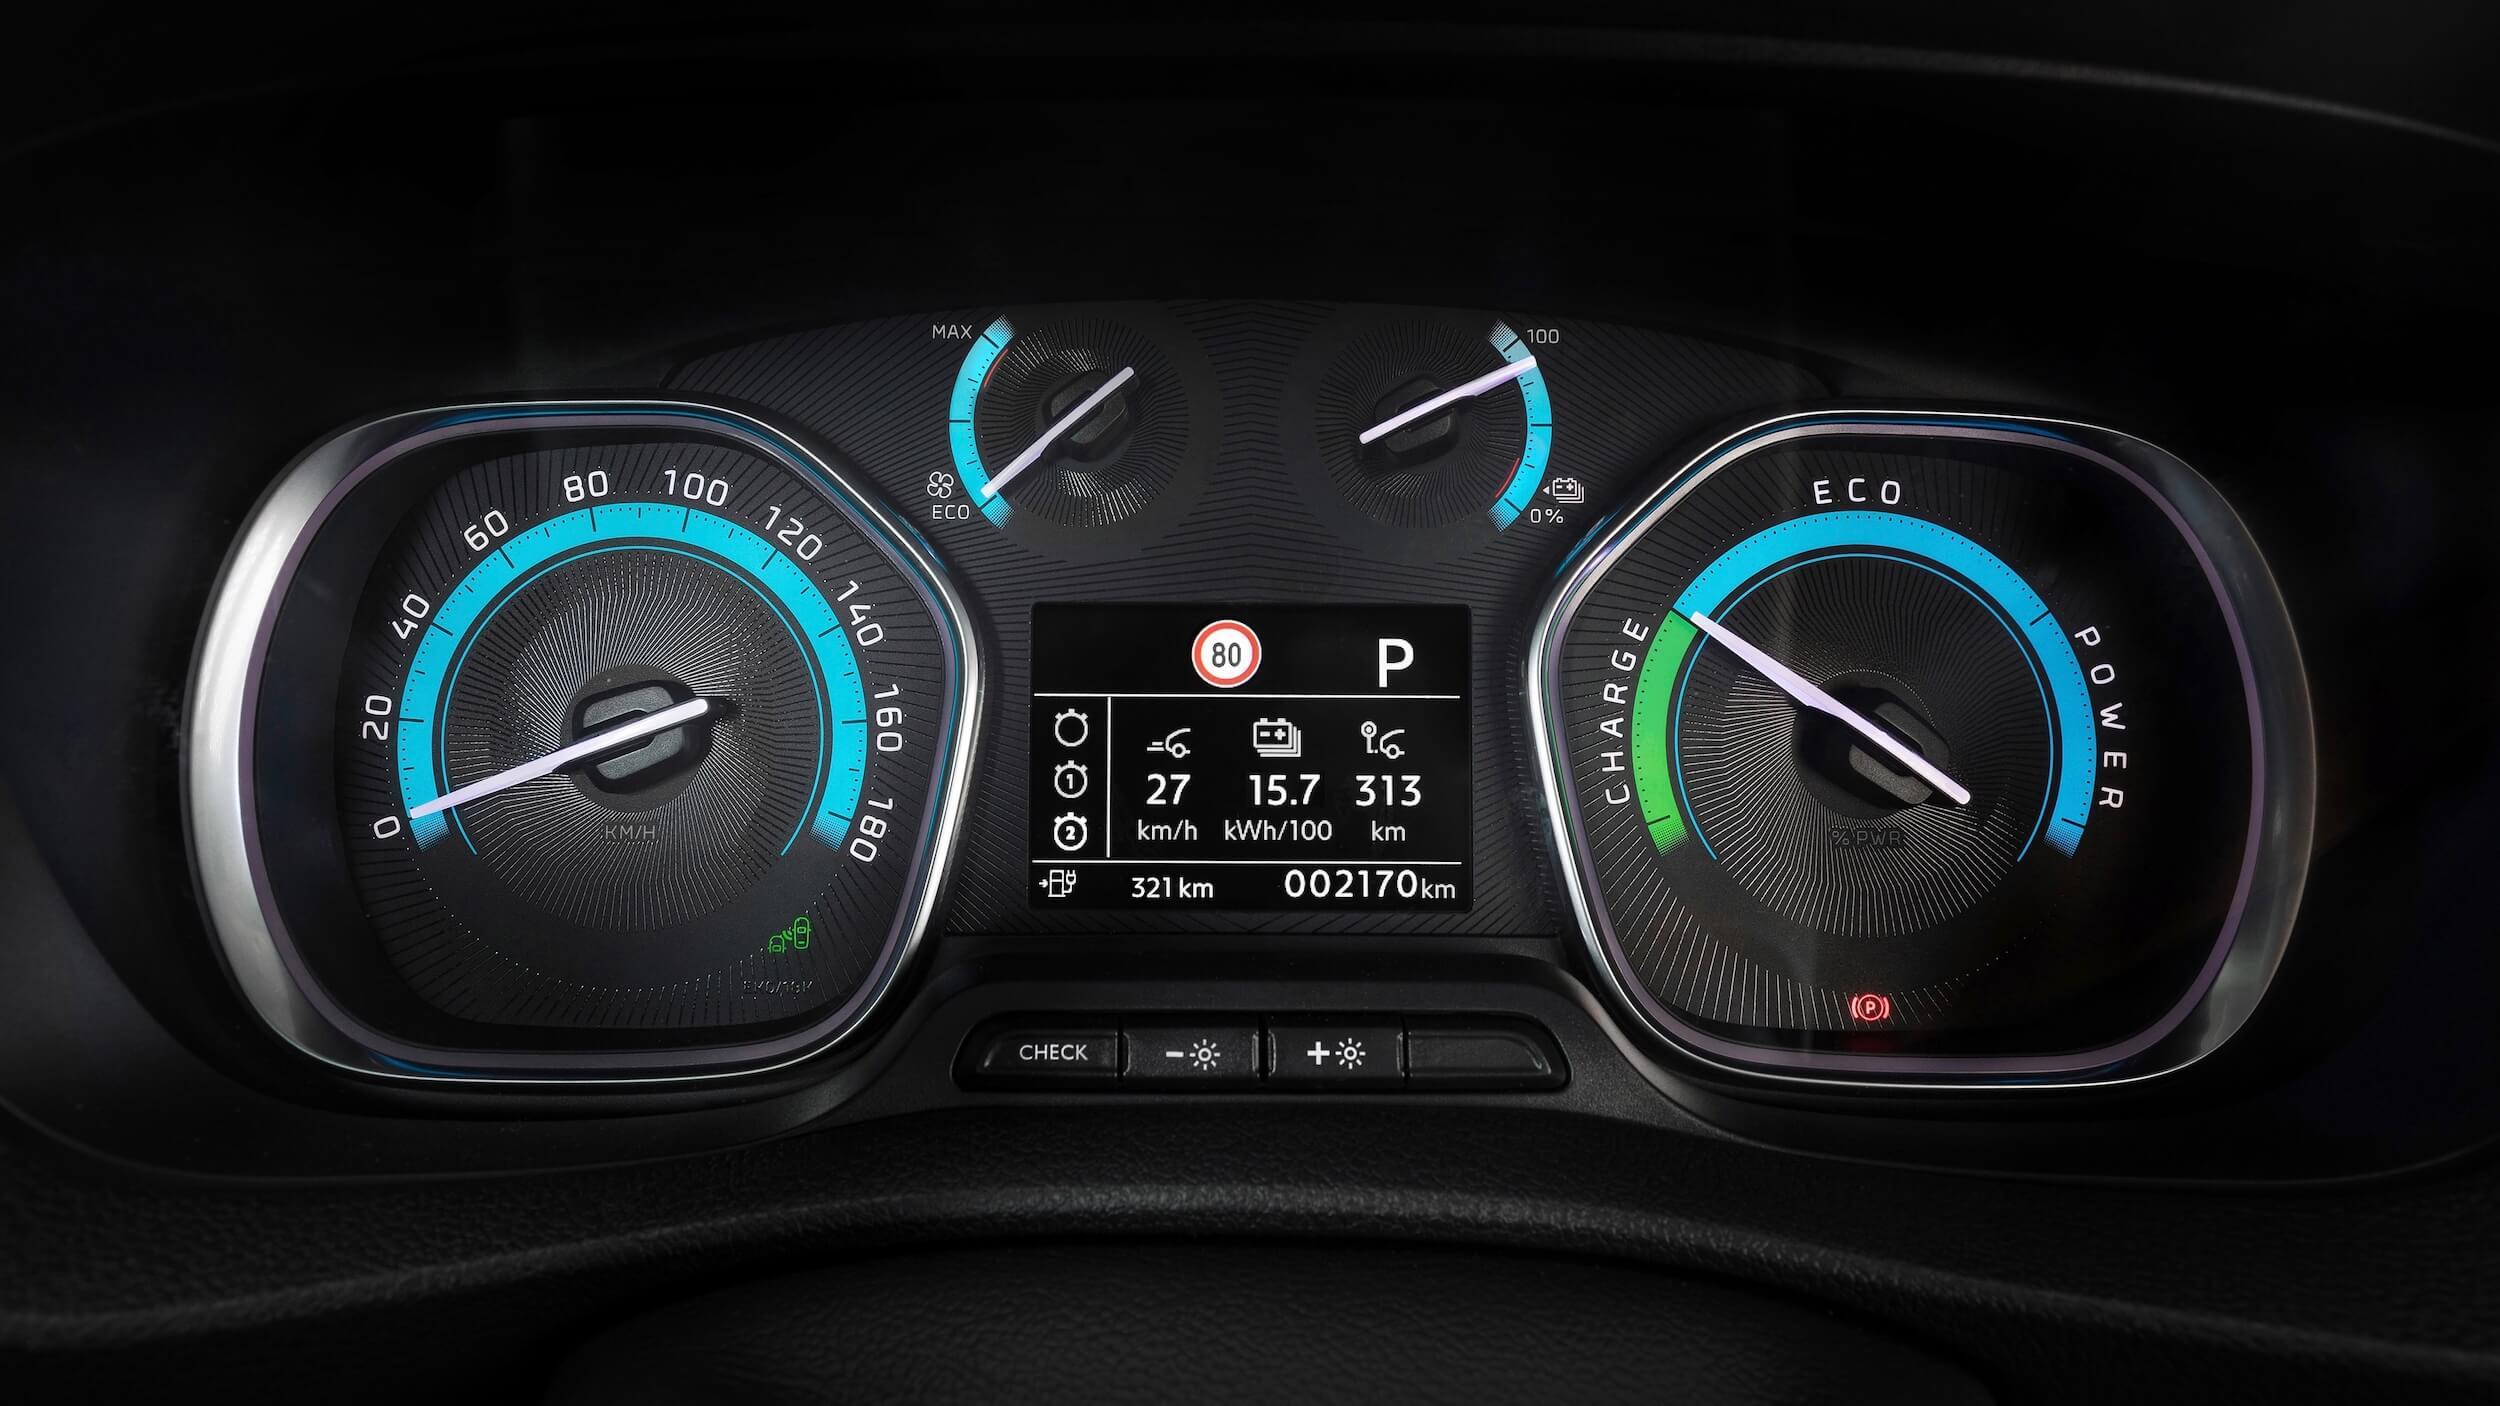 Opel Vivaro e snelheidstellers